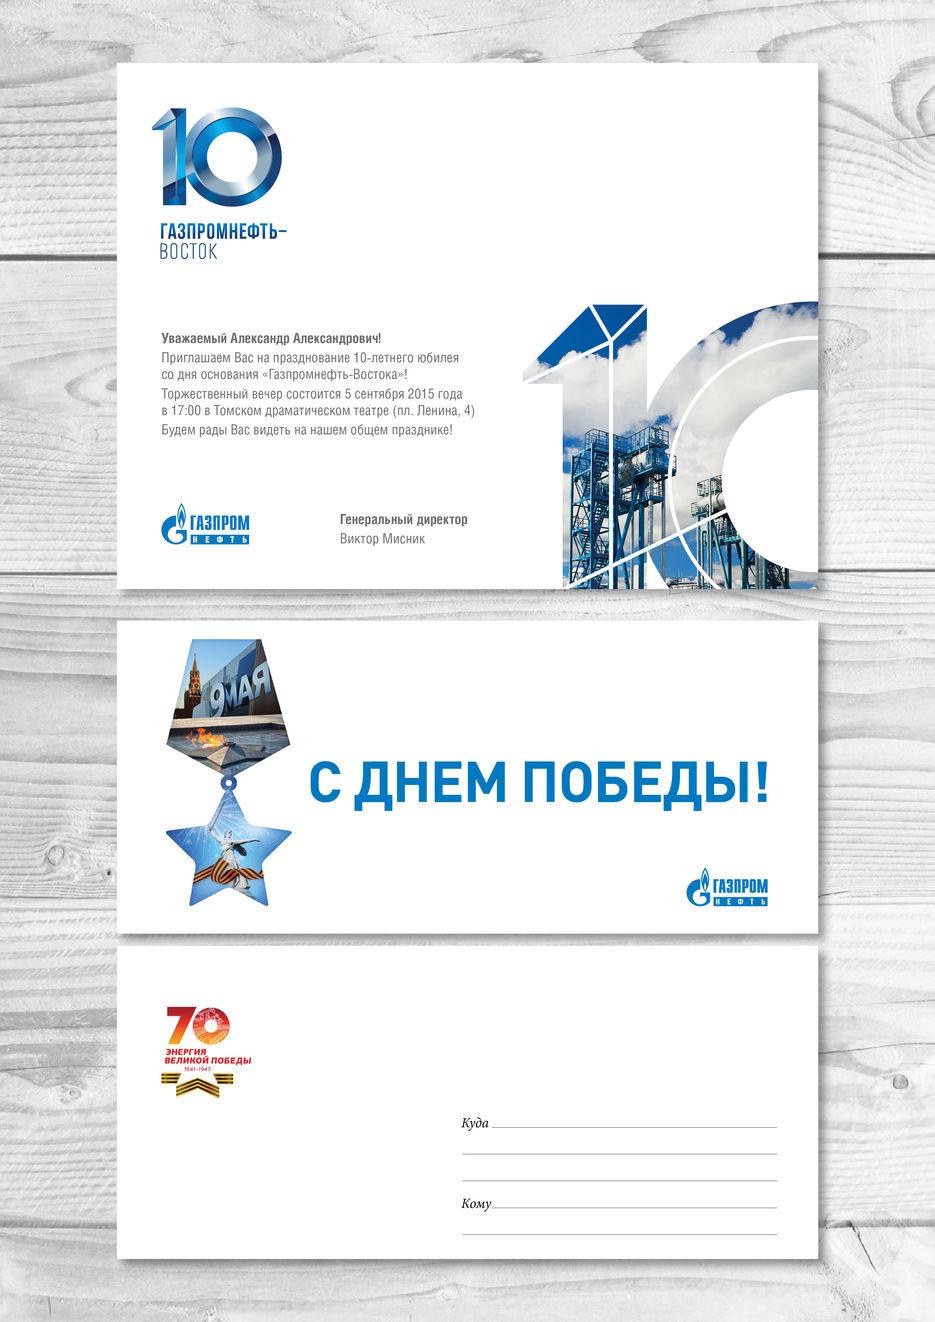 Открытки, открытки газпромнефть